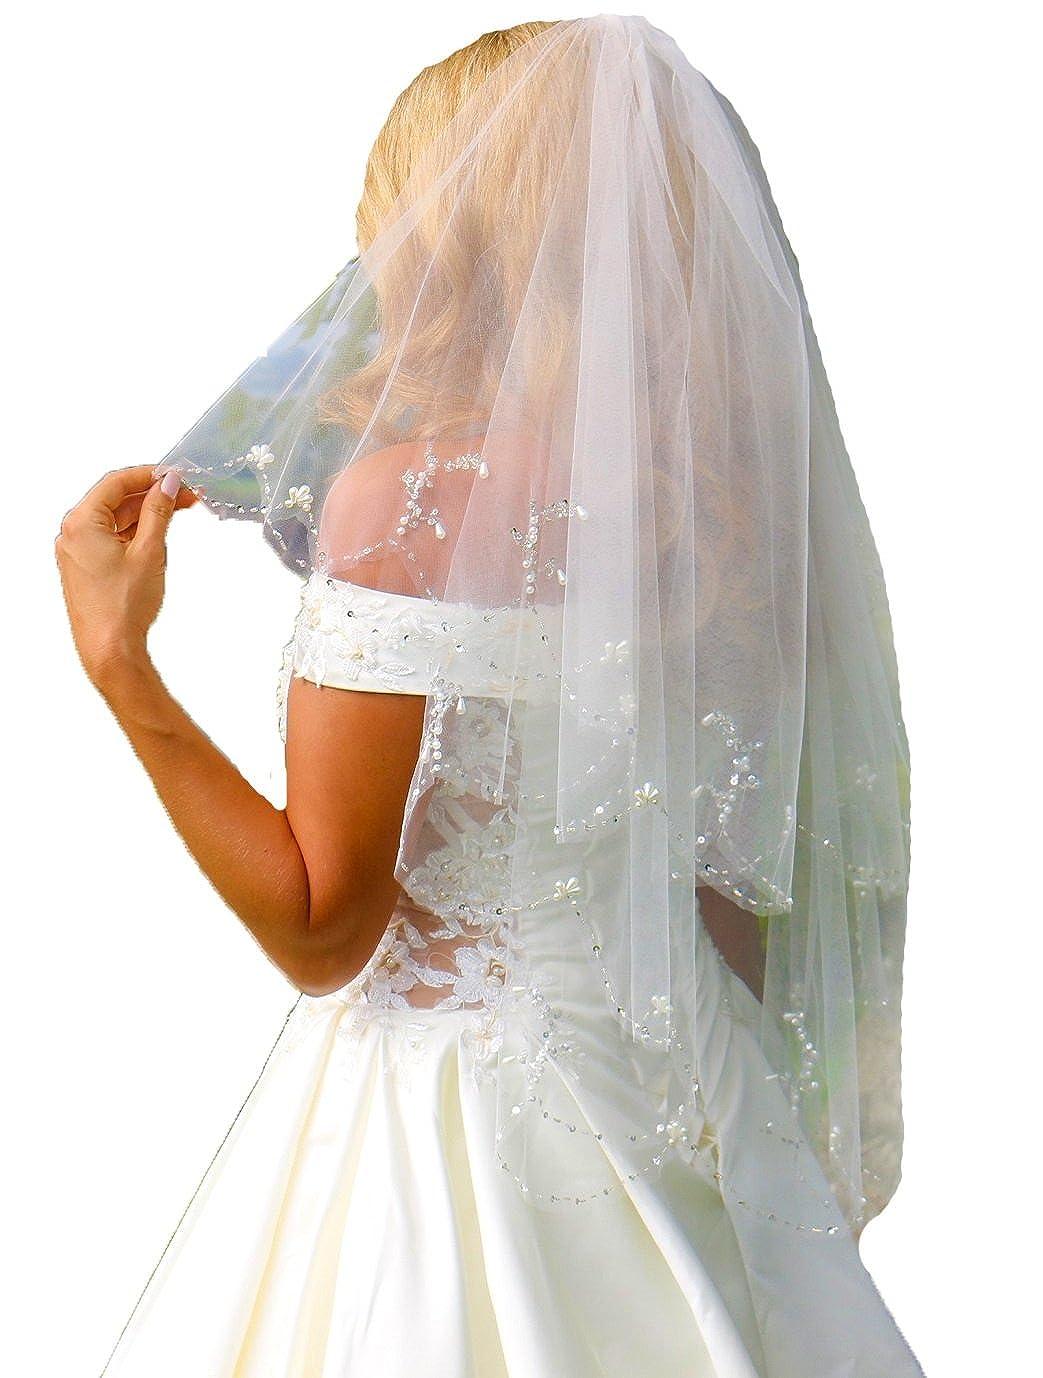 Schleier Brautschleier 2 Lagen mit Kamm Perlen Pailetten 2-lagig Hochzeit Braut